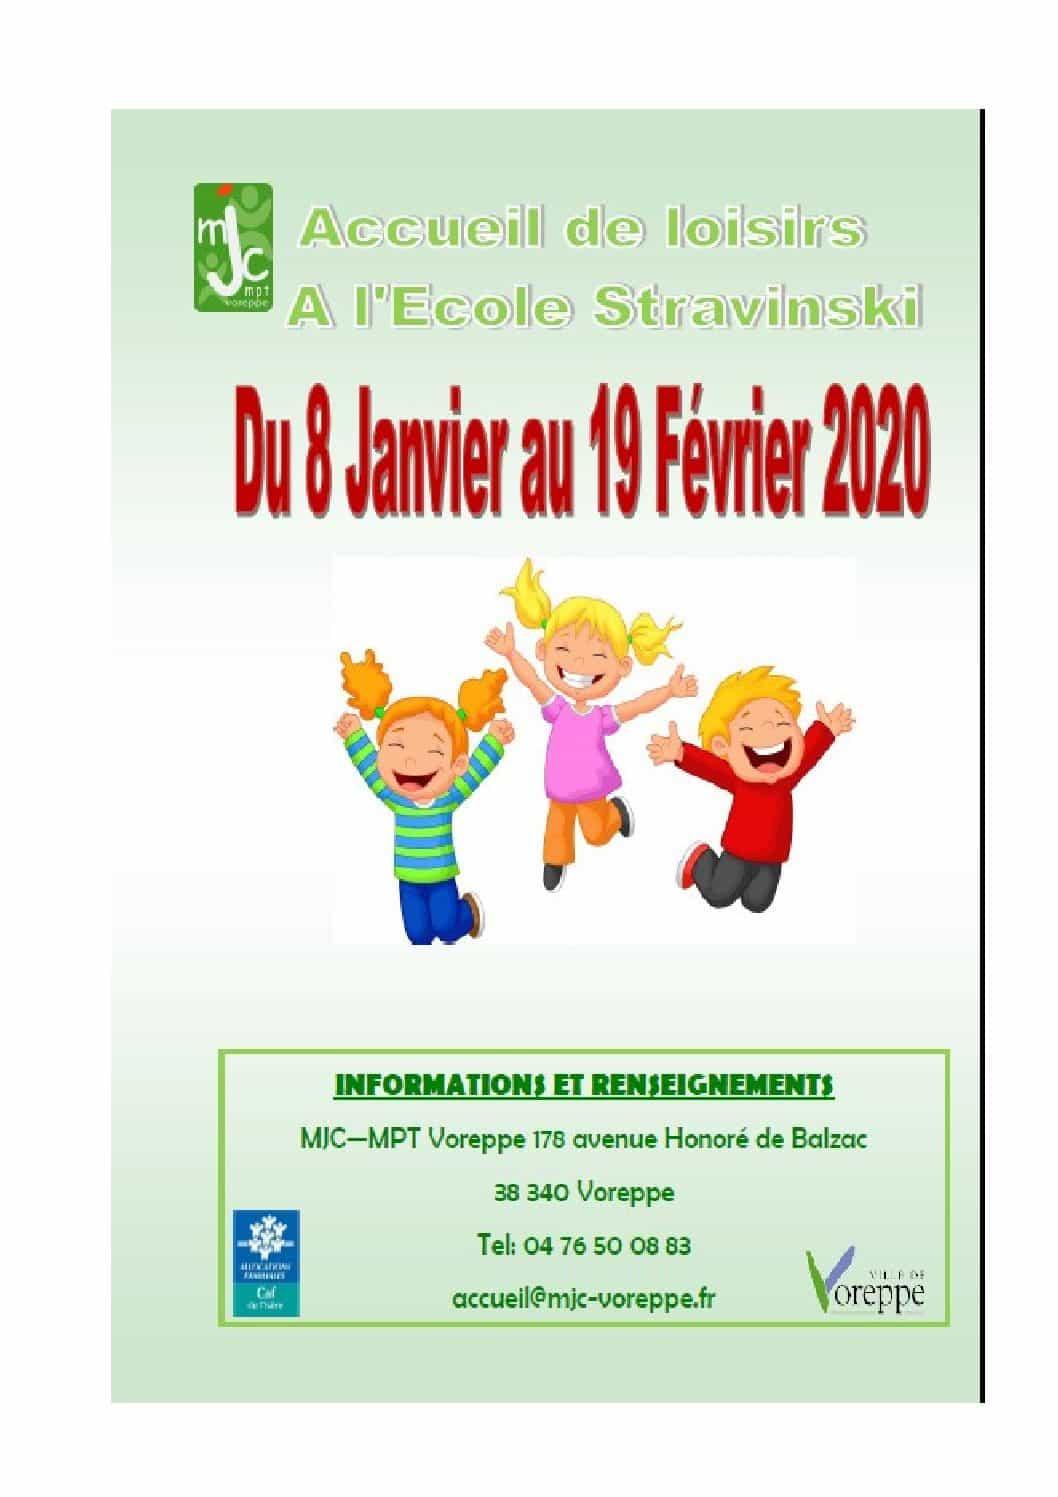 Accueil de Loisirs 3-12 ans mercredis après midi – Programme du 8 janvier au 19 février 2020